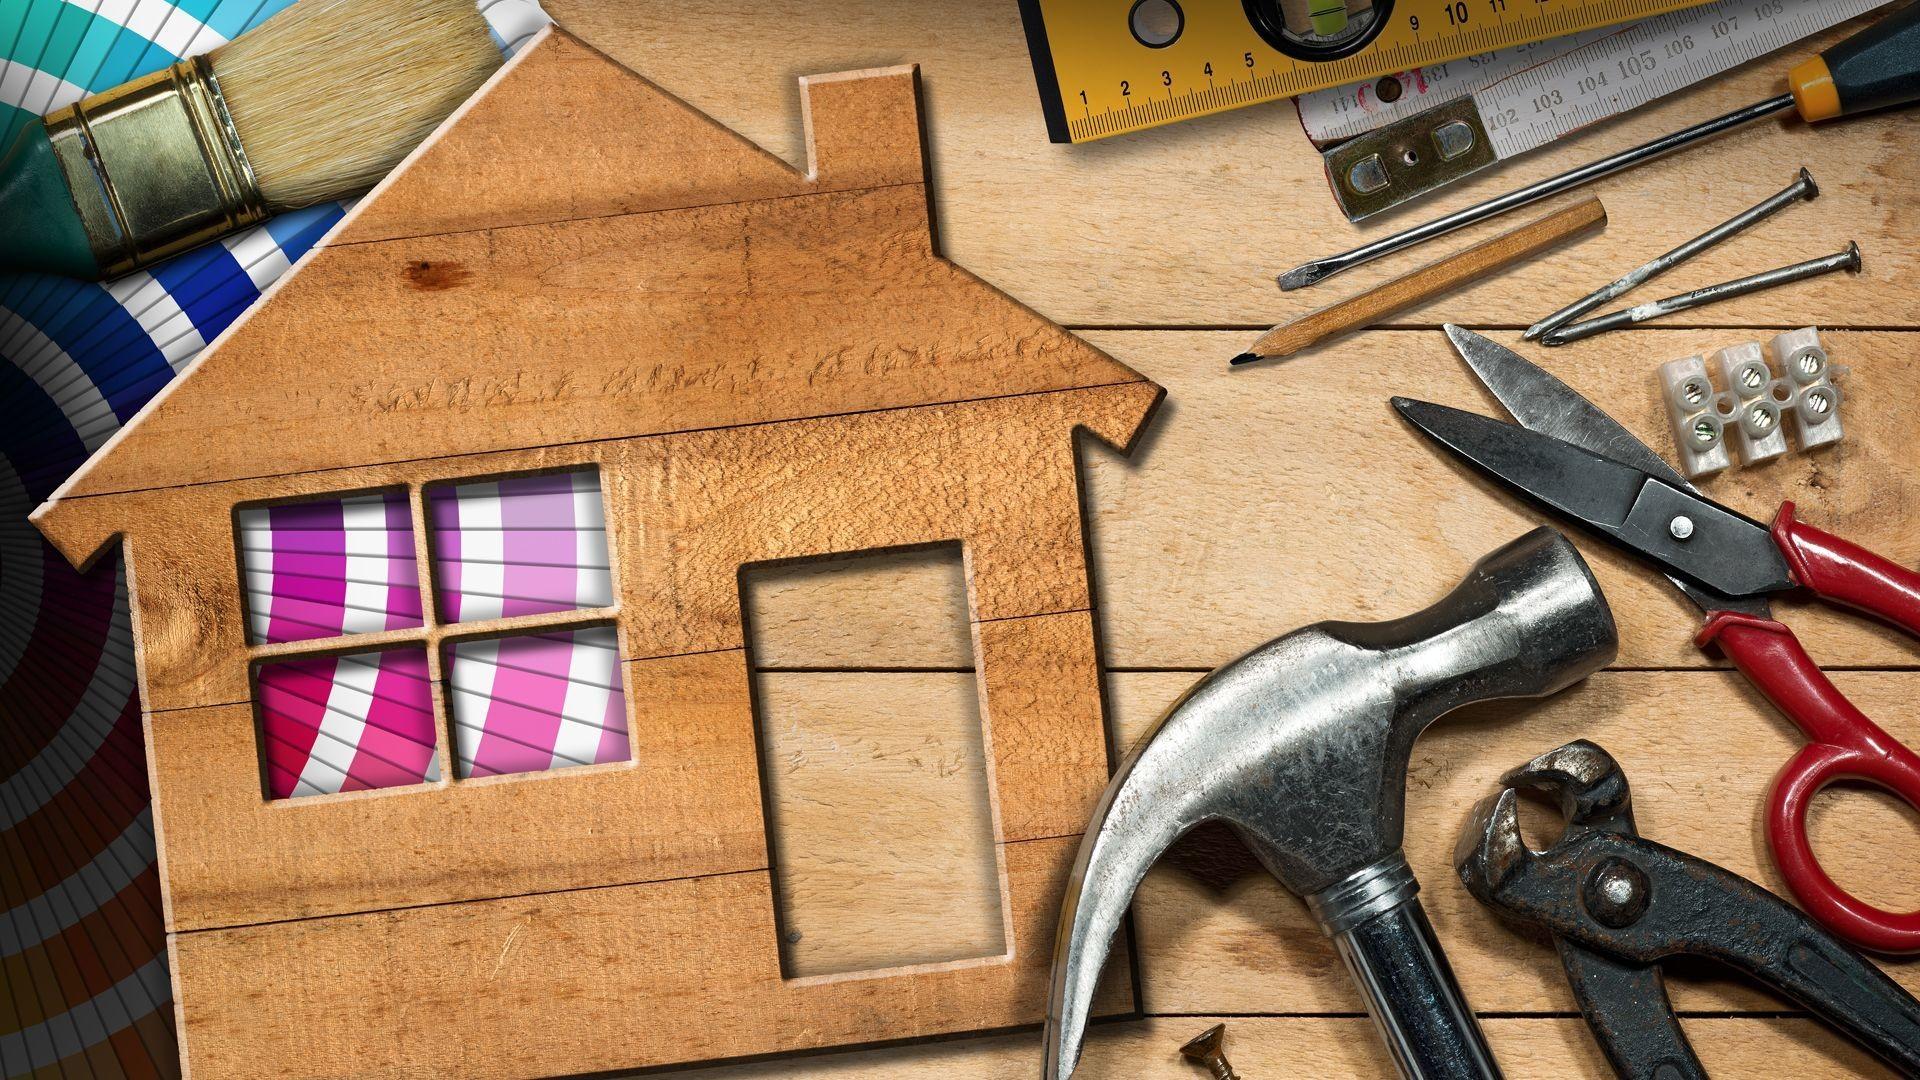 000 albañil reparaciones obras carpintero